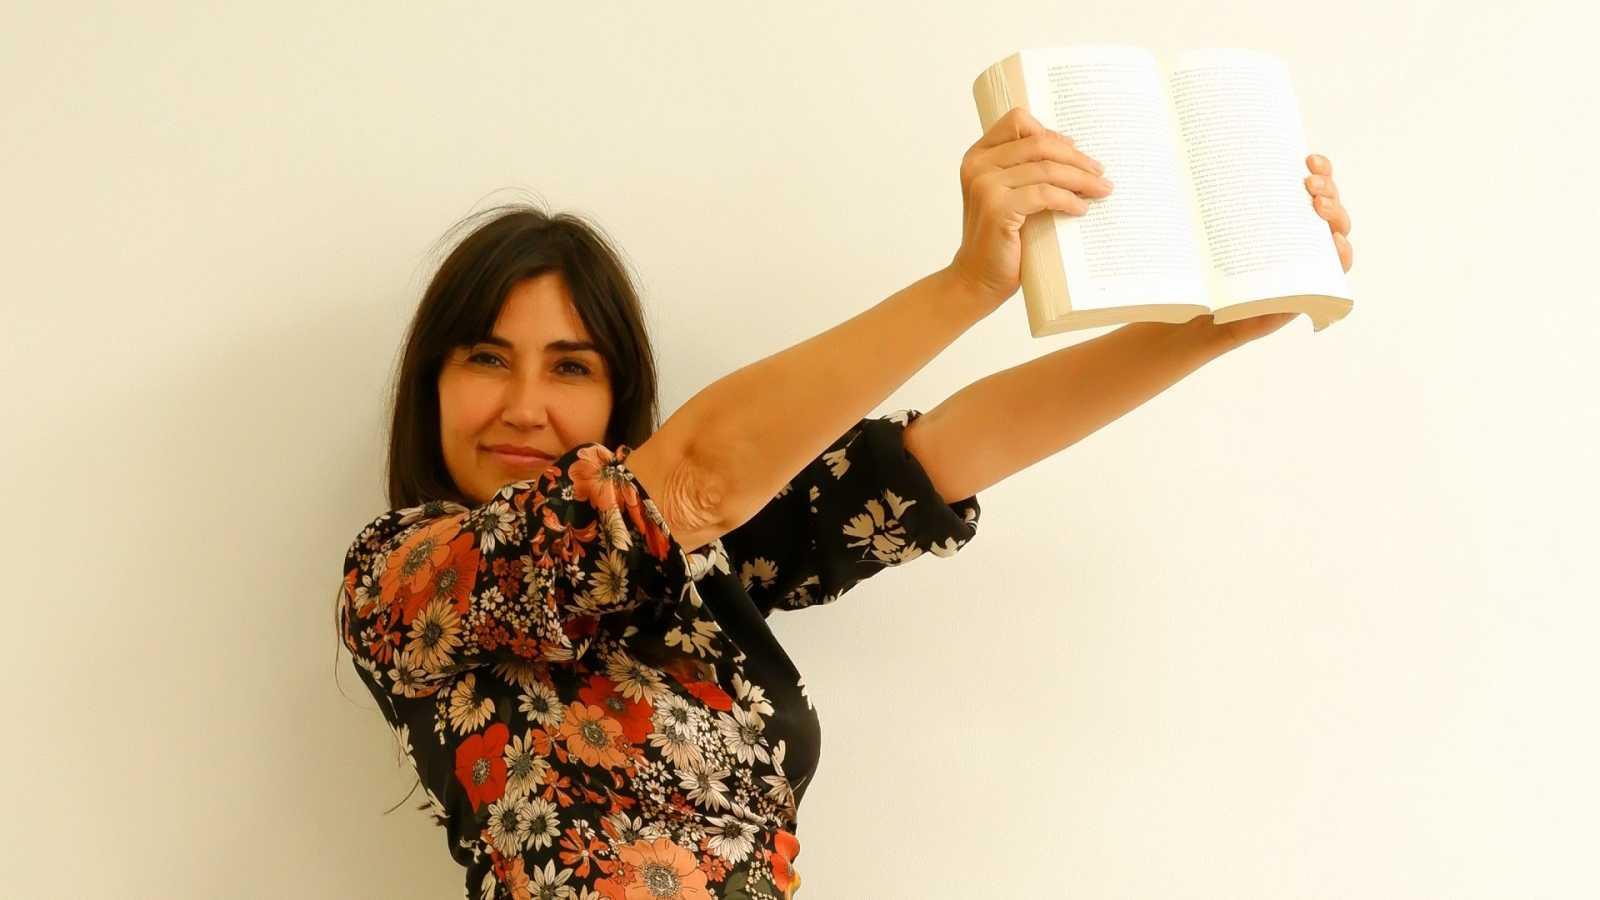 El ojo crítico - 'Dicen los síntomas', con Bárbara Blasco - 19/10/20 - escuchar ahora